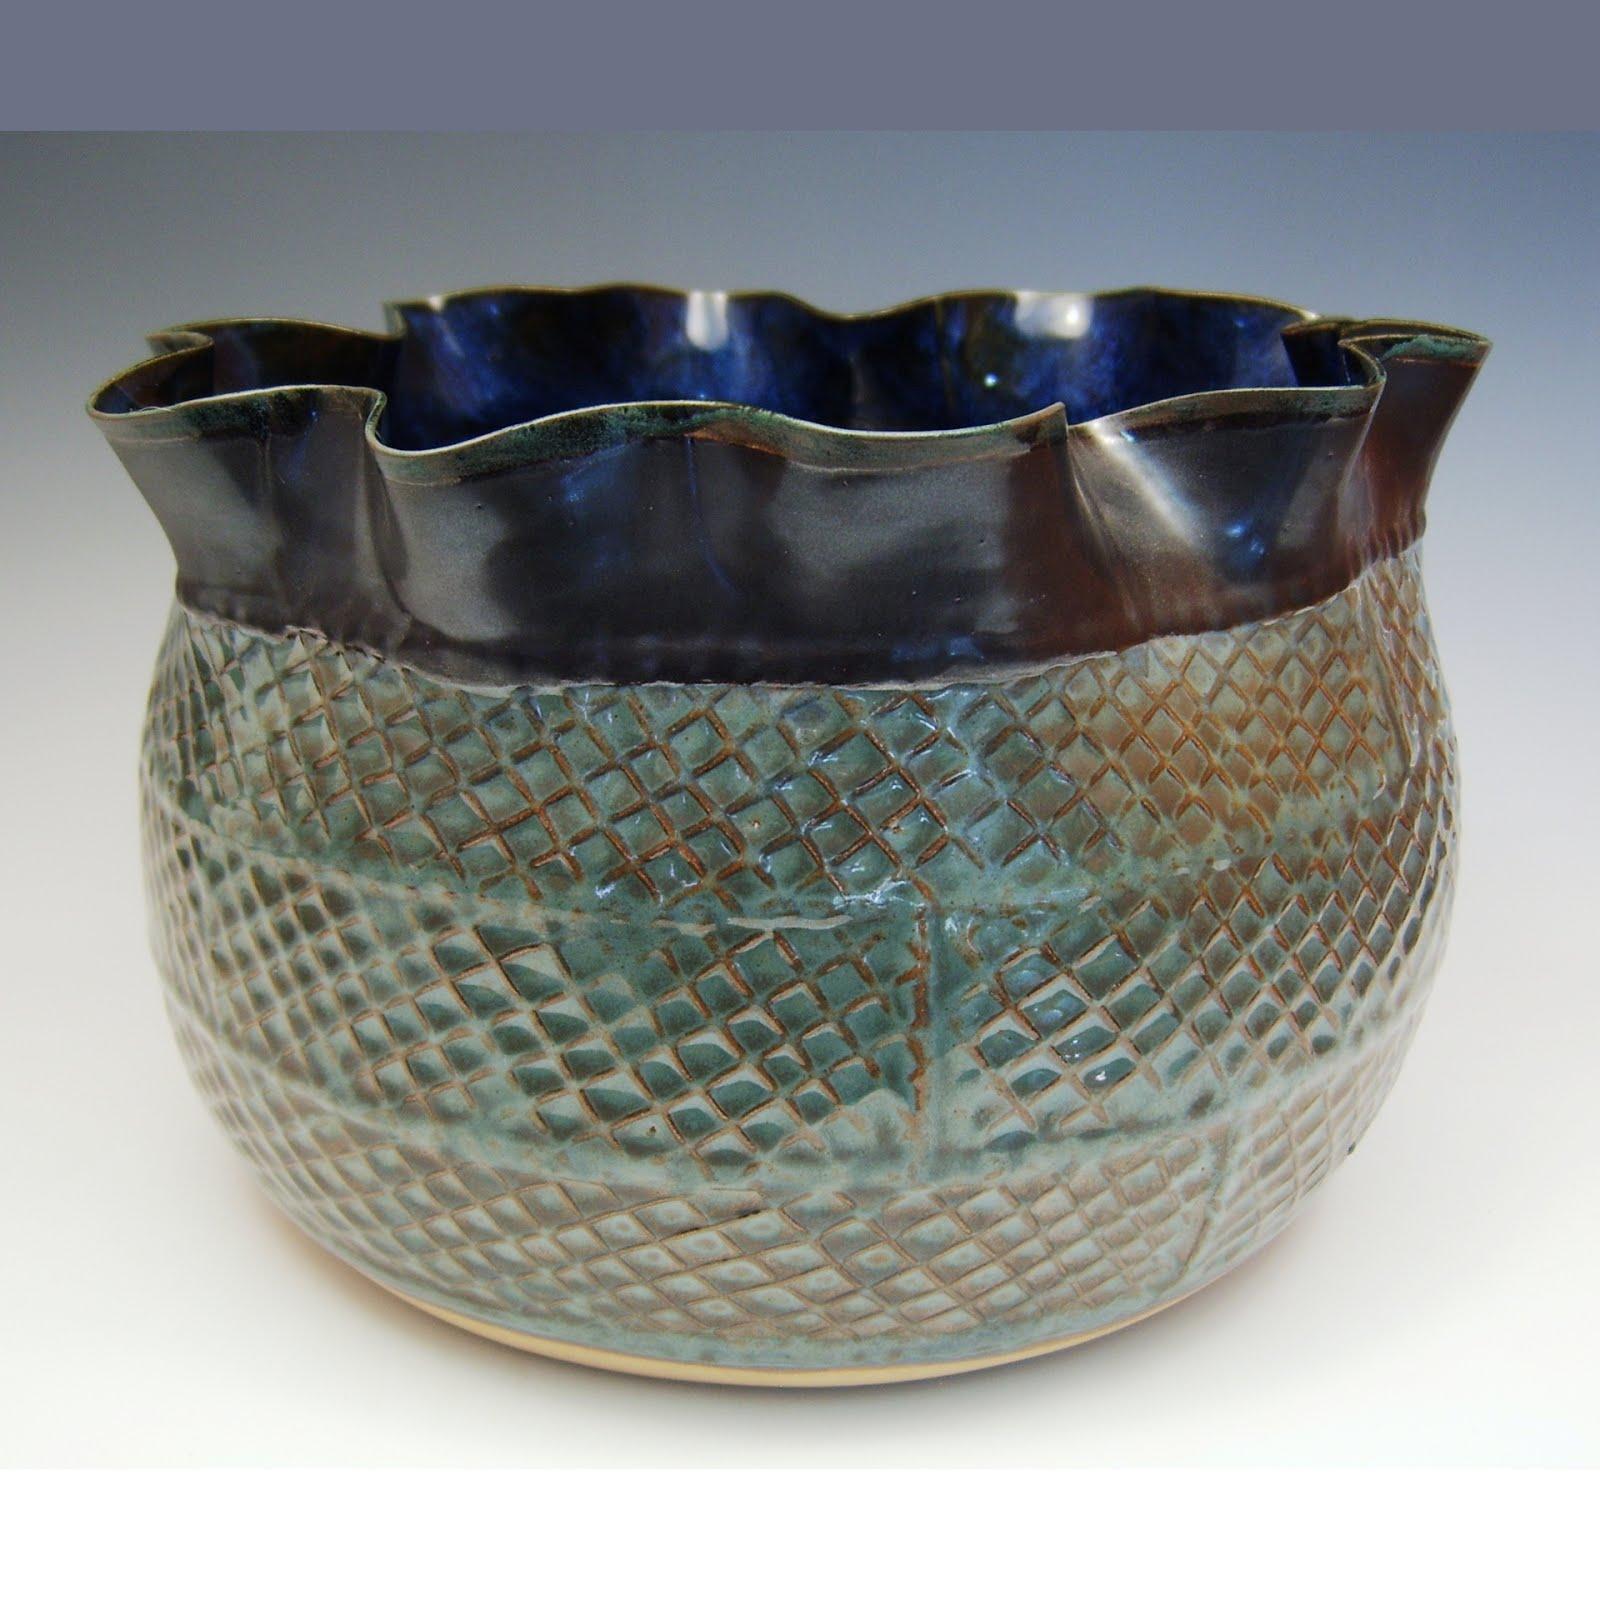 The Ocean Bowl